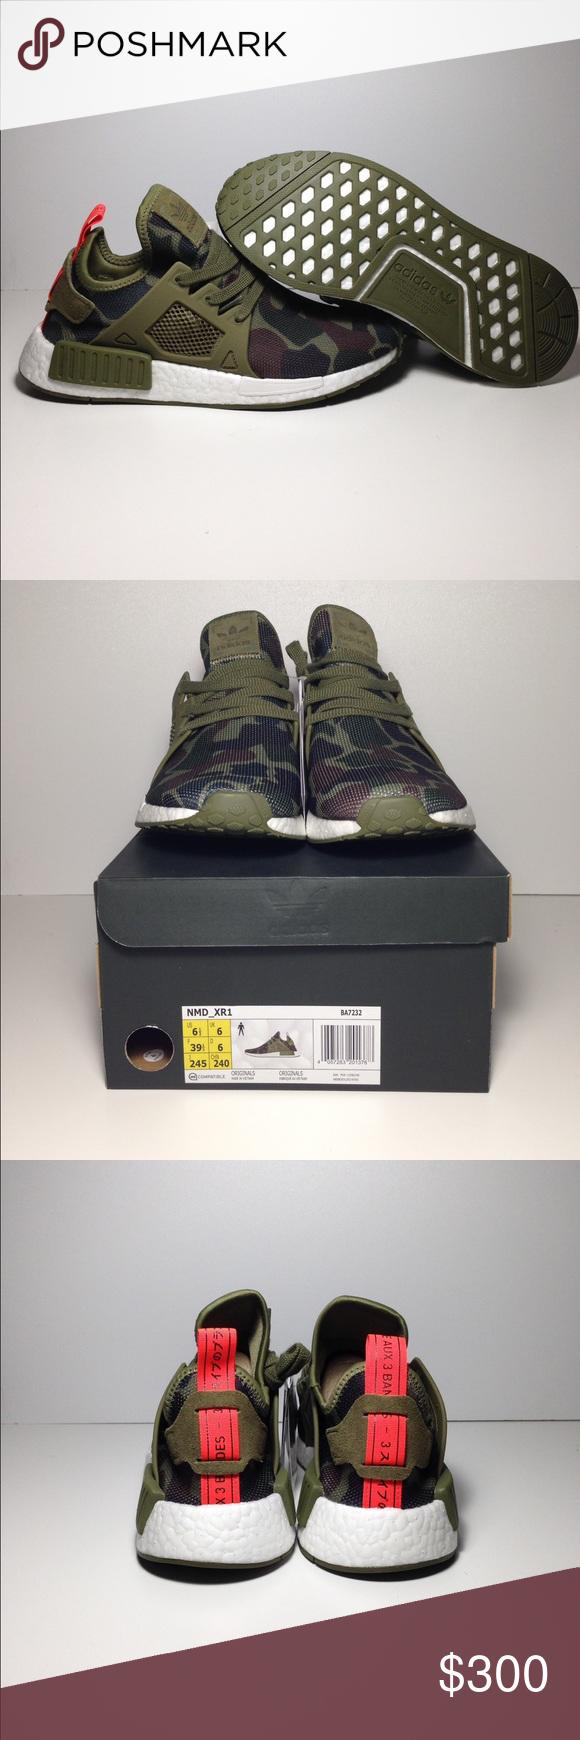 adidas nmd duck mimetico olive autentico e nuova di zecca con box